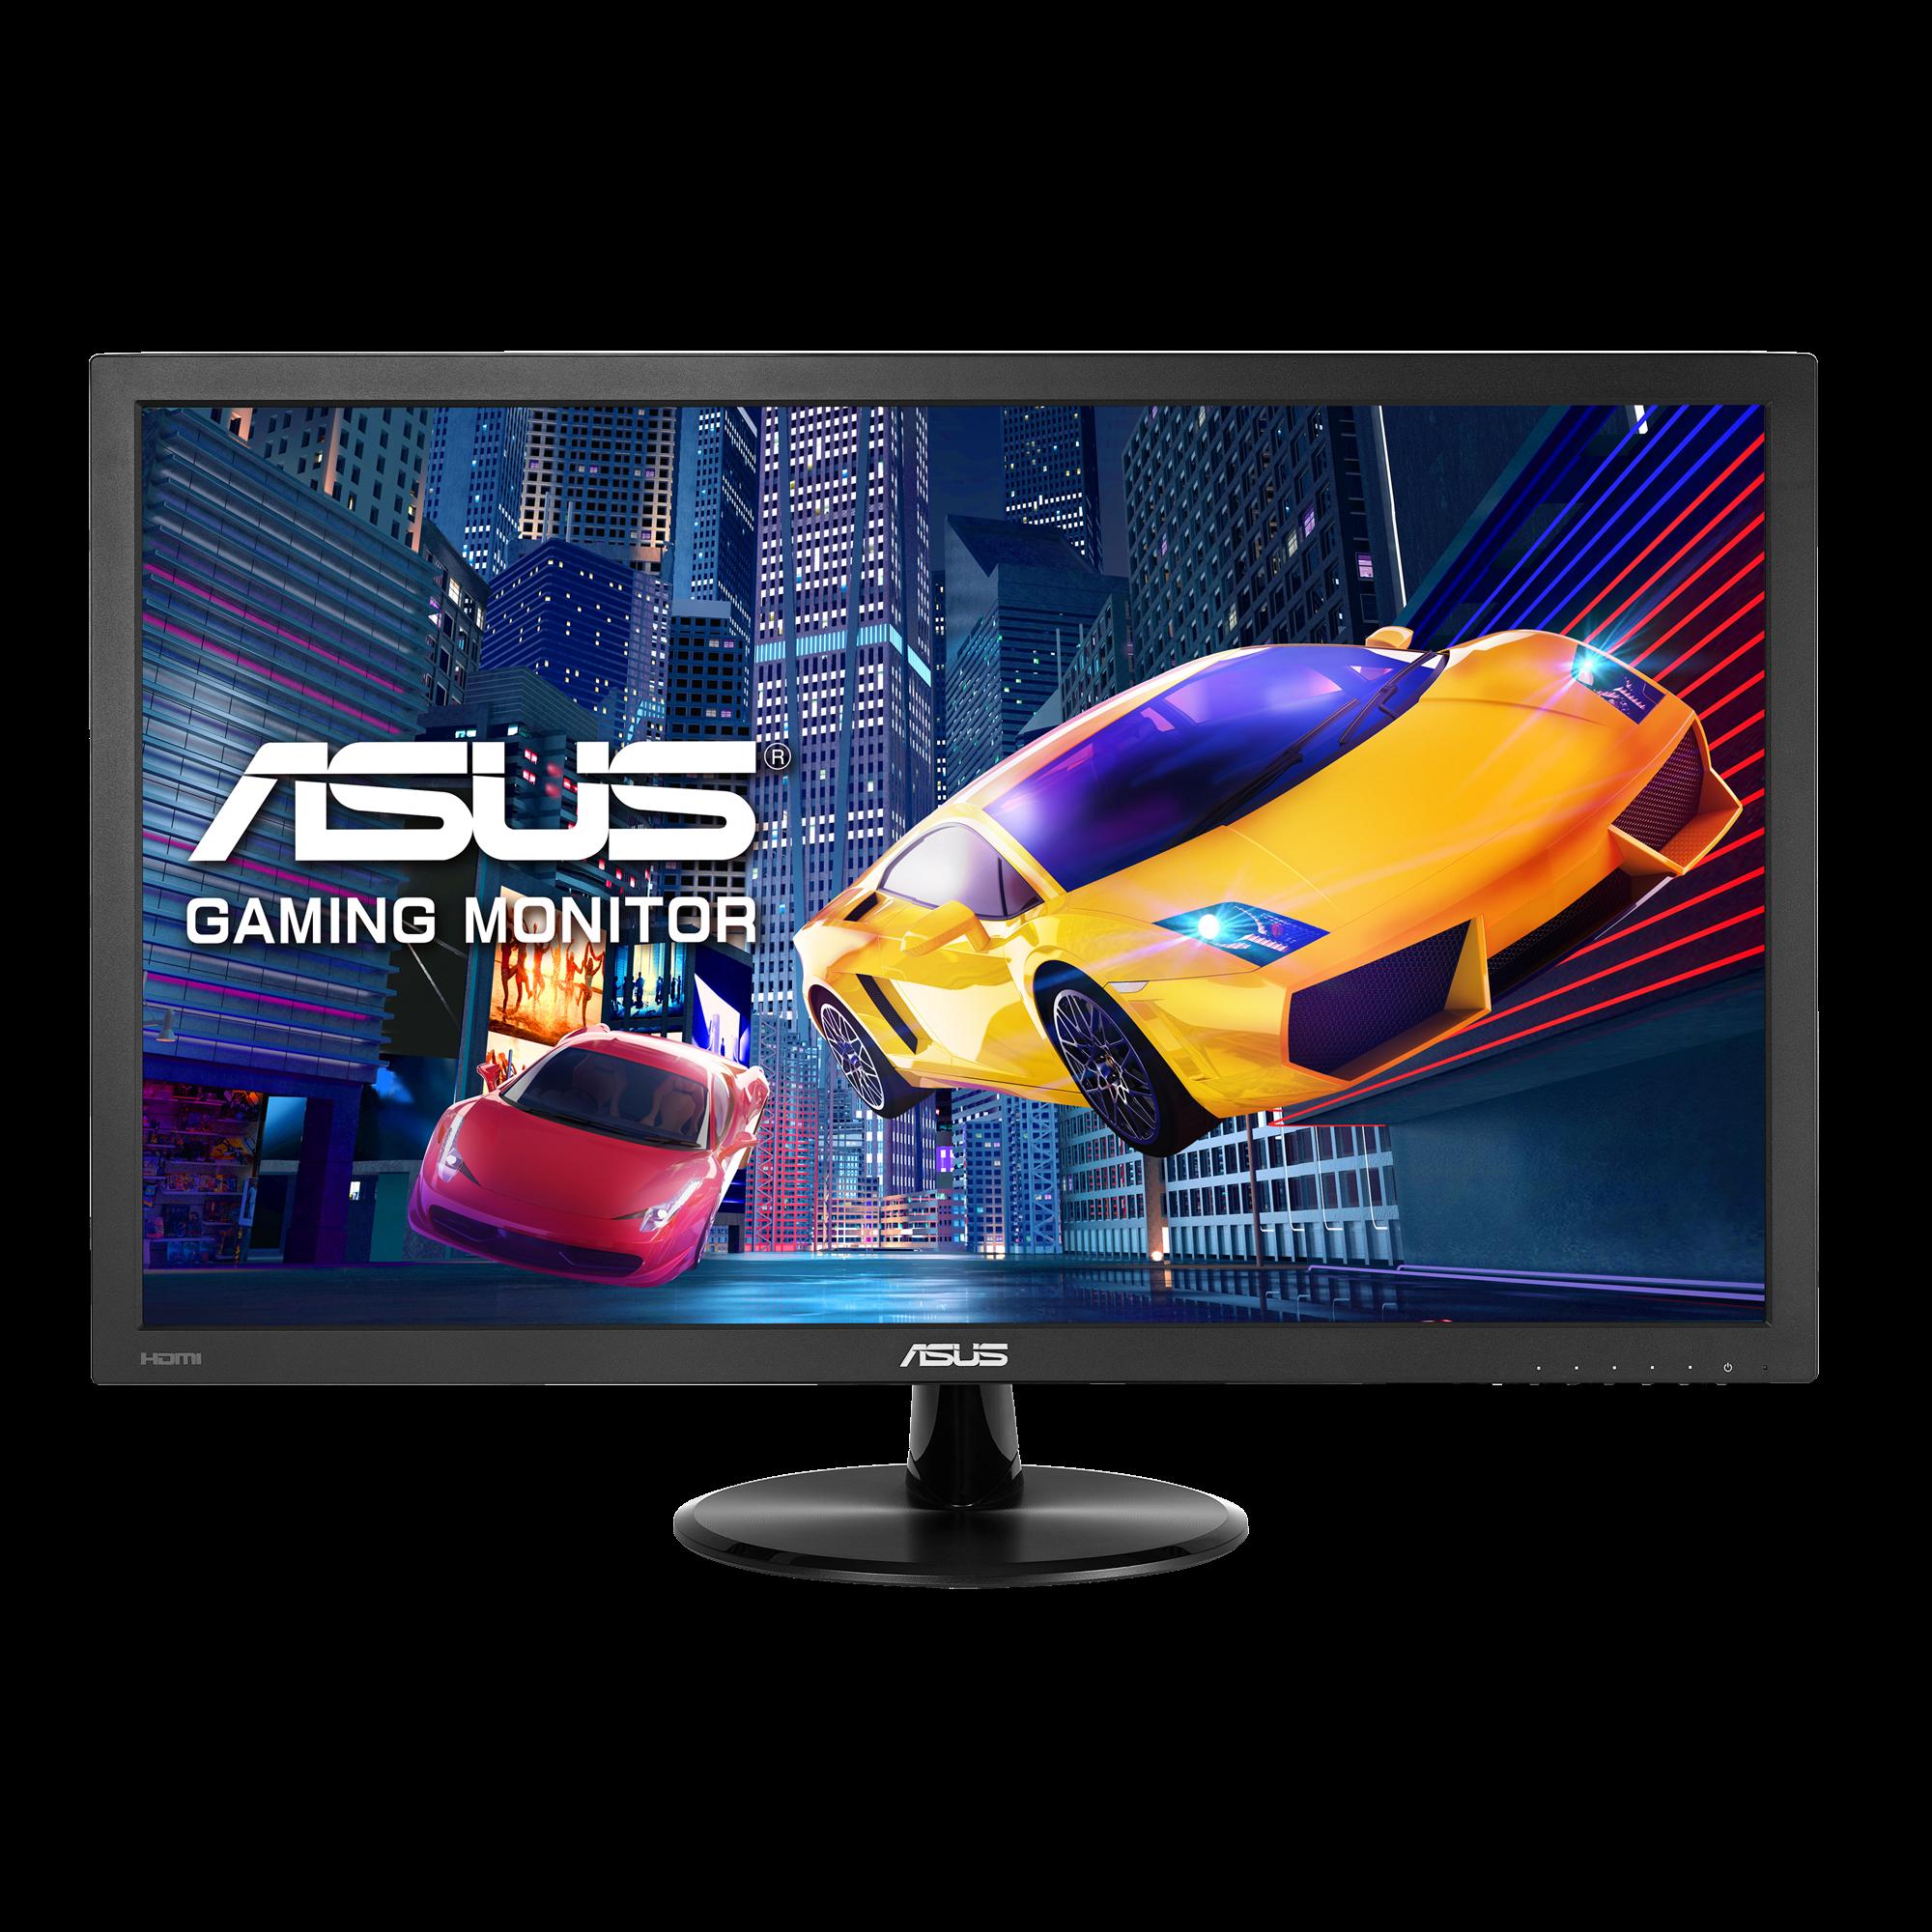 monitor PC gaming murah